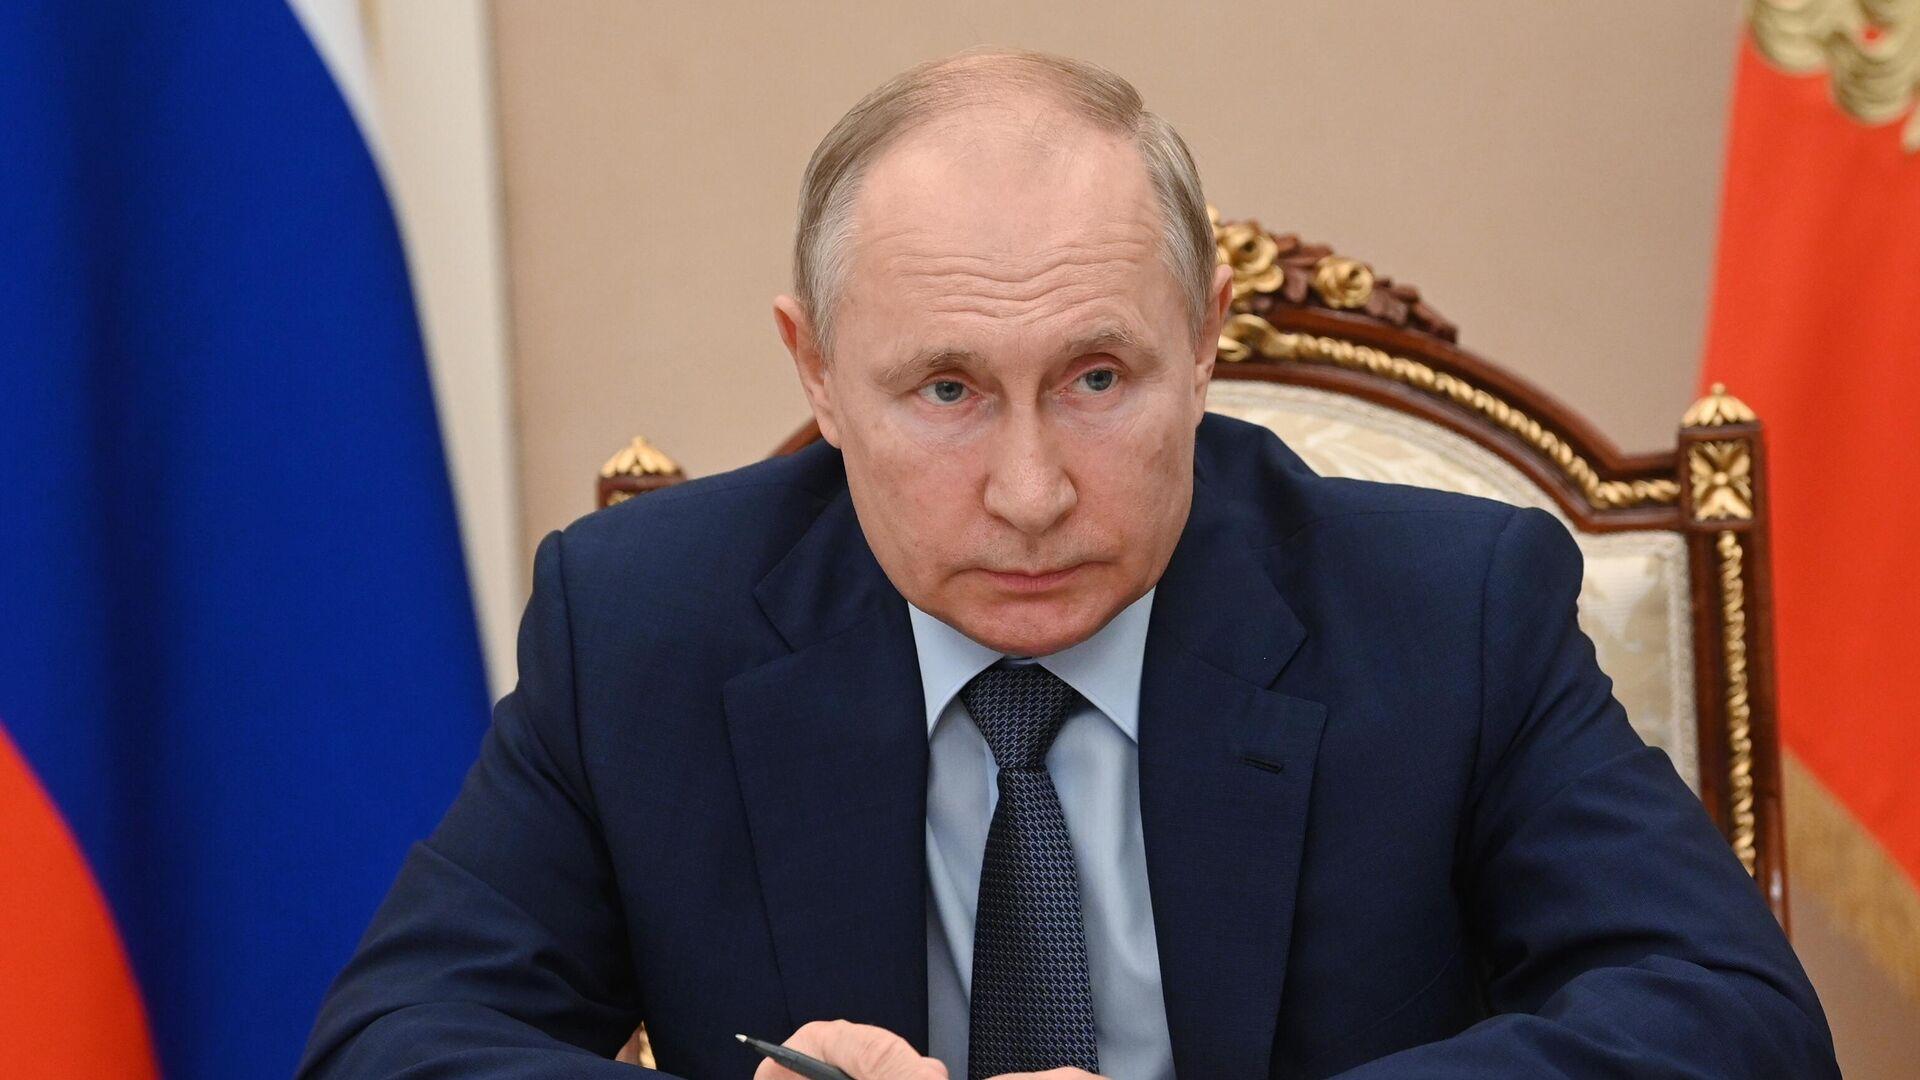 Президент РФ Владимир Путин в режиме видеоконференции проводит заседание Совета по стратегическому развитию и национальным проектам - РИА Новости, 1920, 22.07.2021